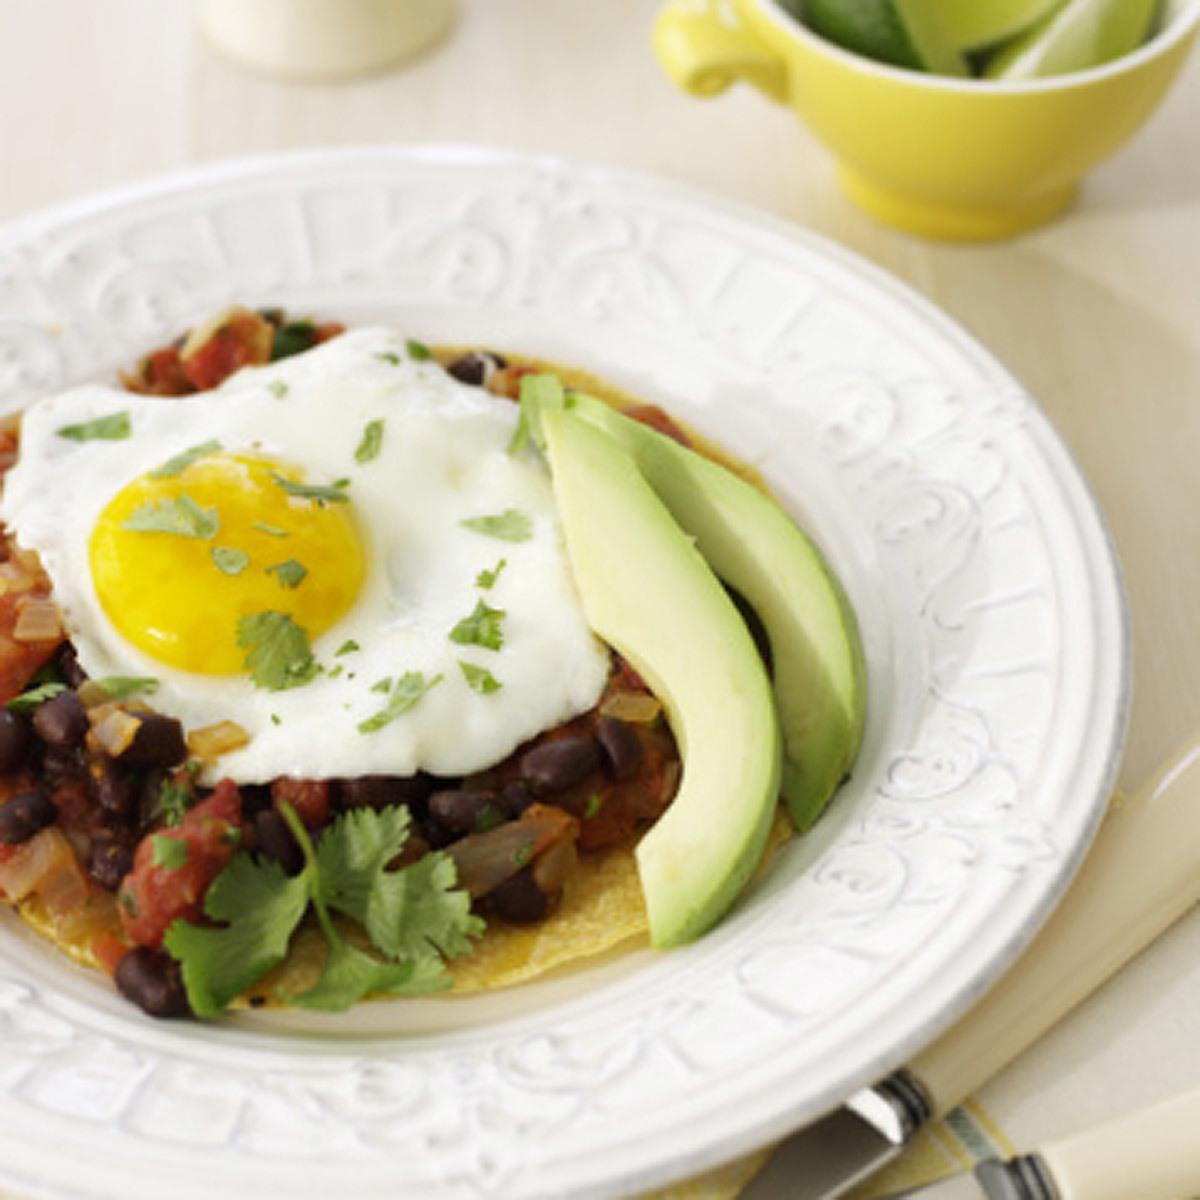 Nuestros huevos fritos con migas para desayunar.